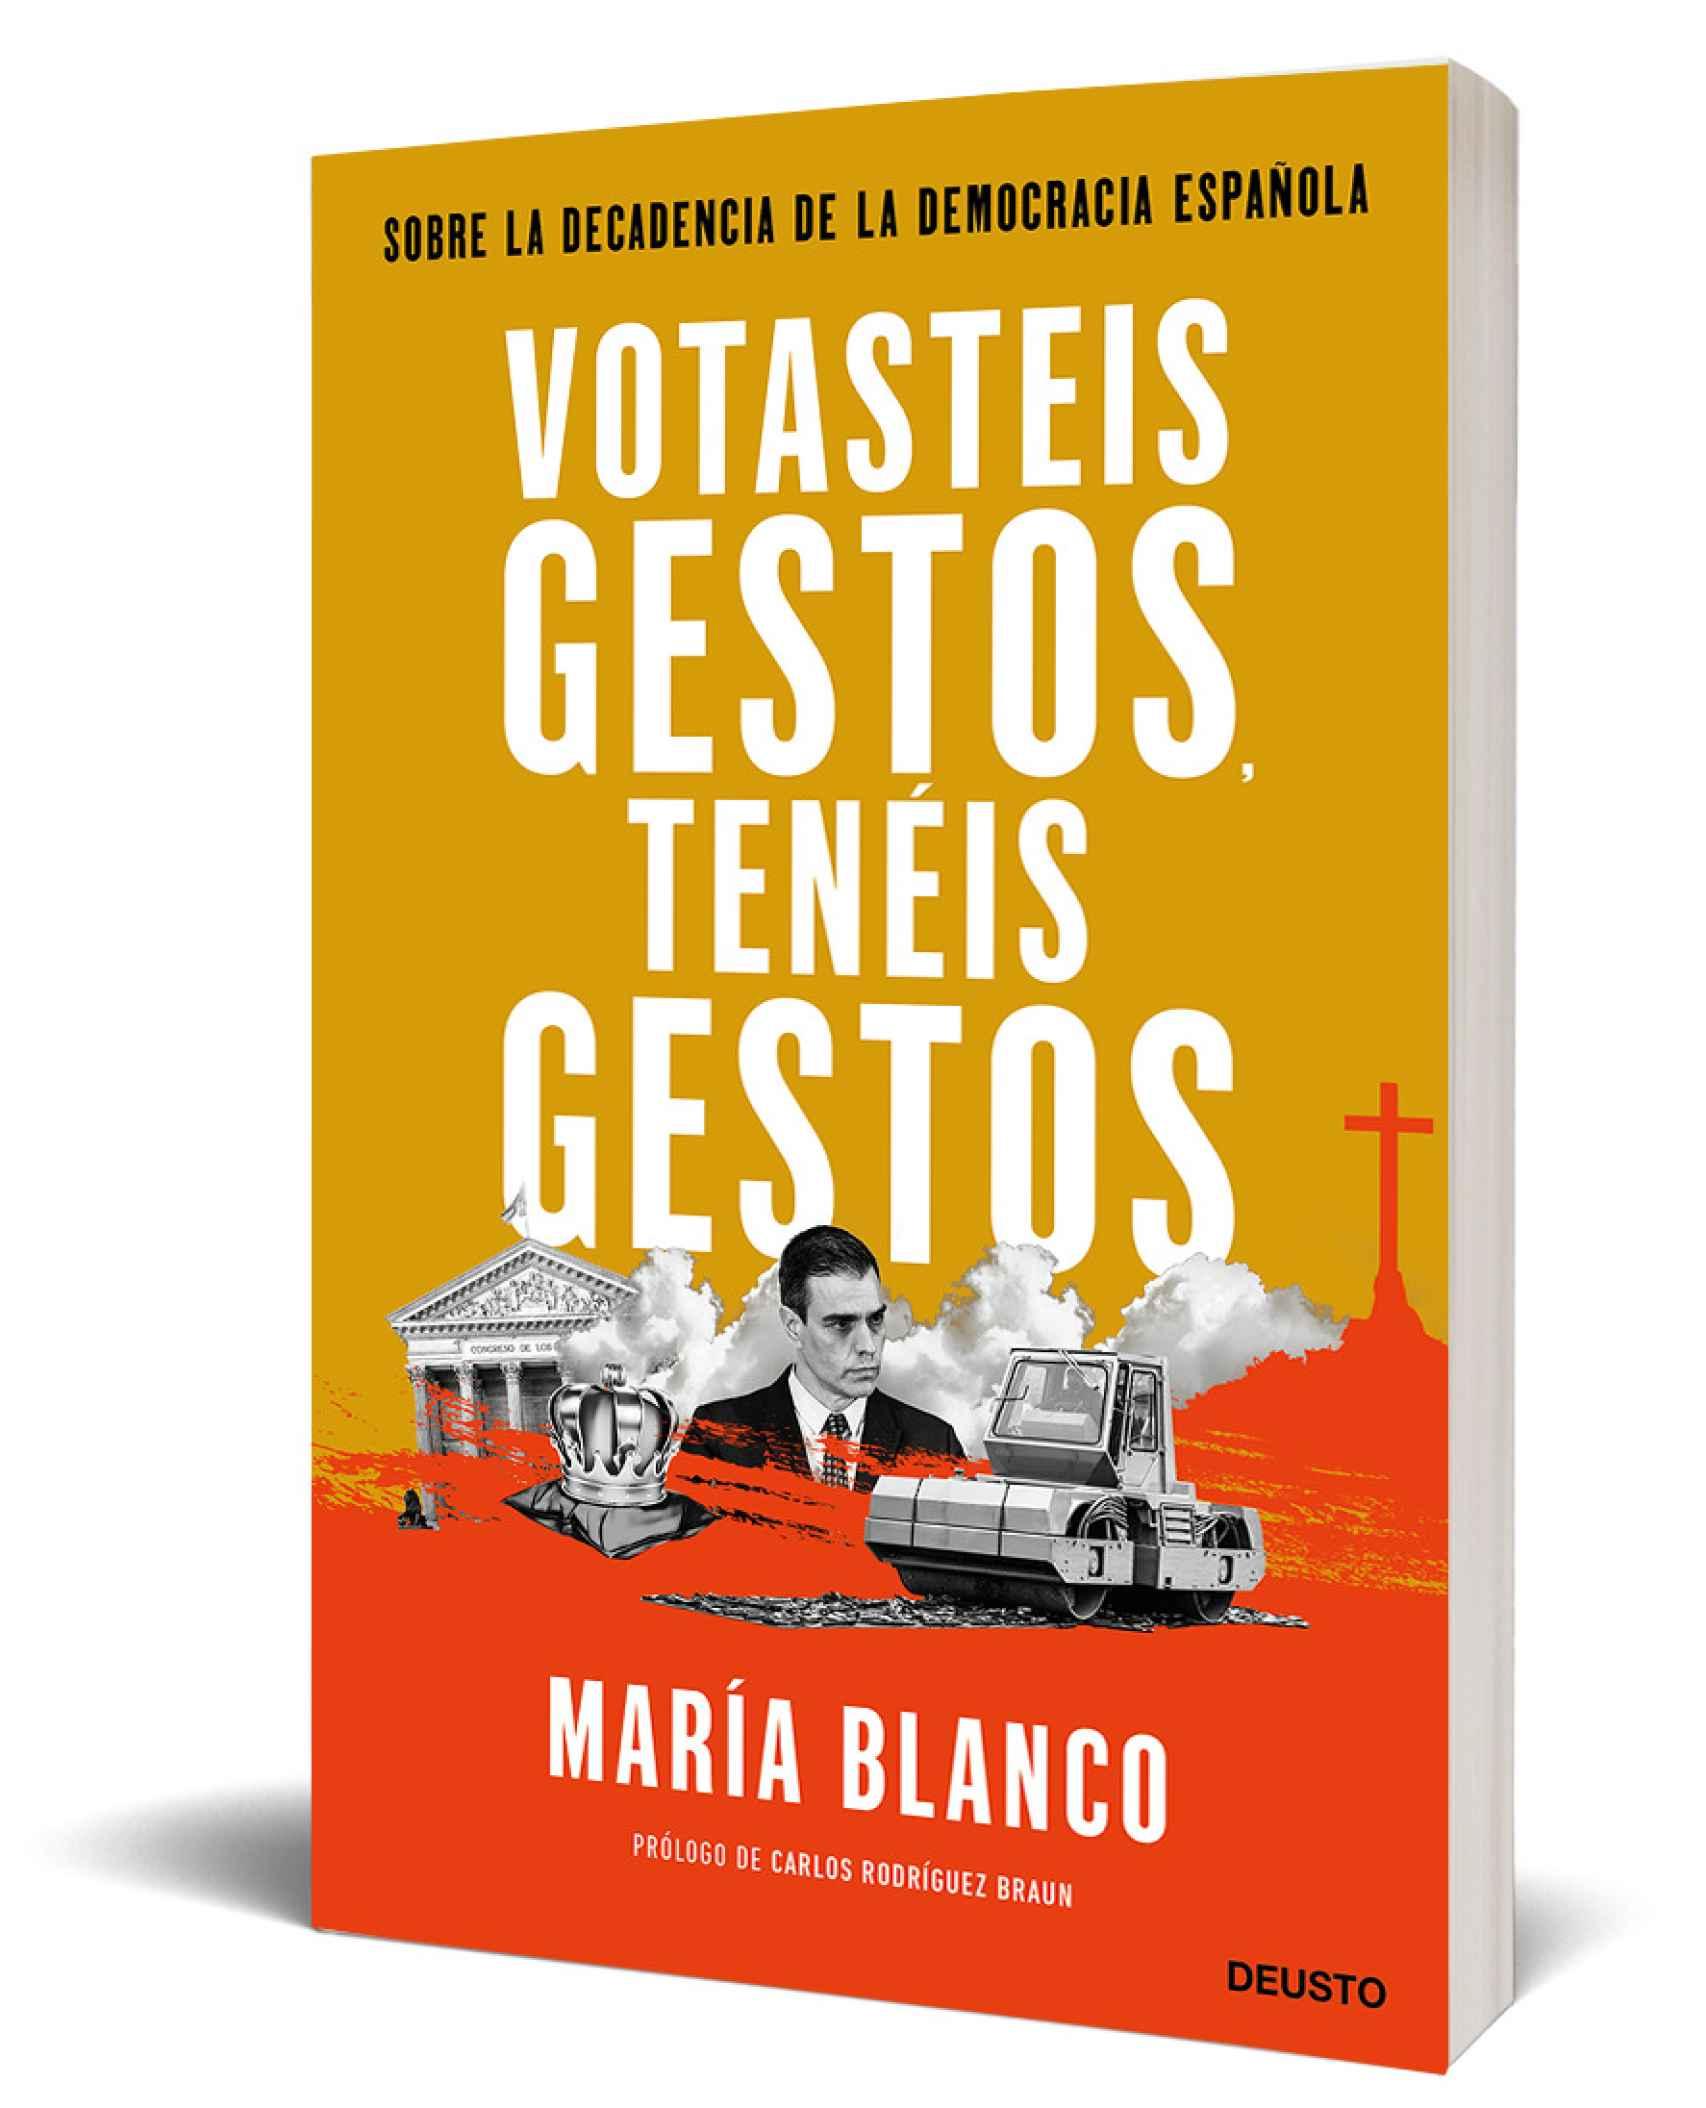 El libro de María Blanco.